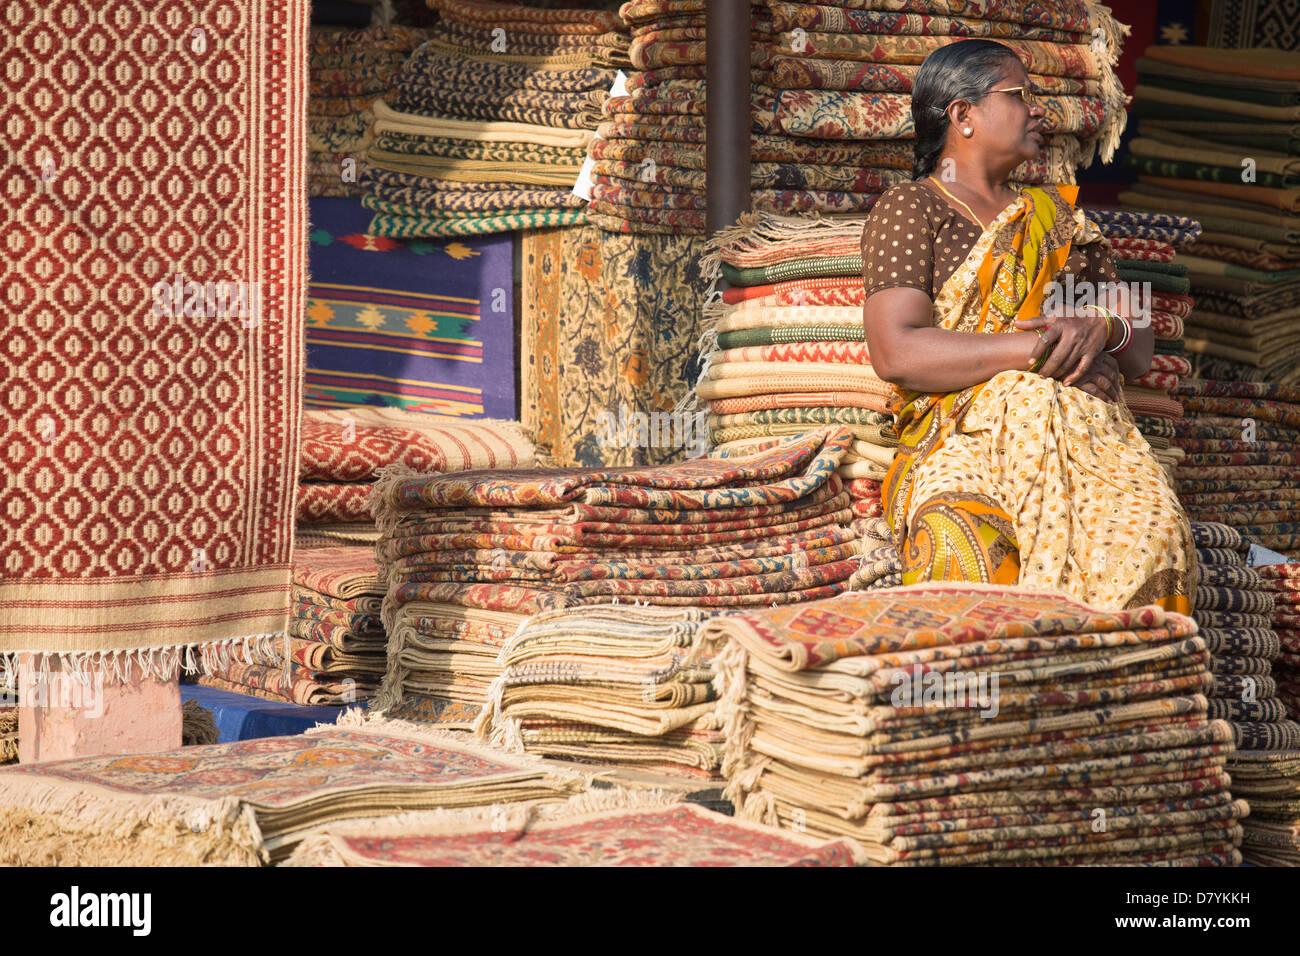 Femme vendant des tapis à Dili Hasm dans Delhi, Inde Banque D'Images